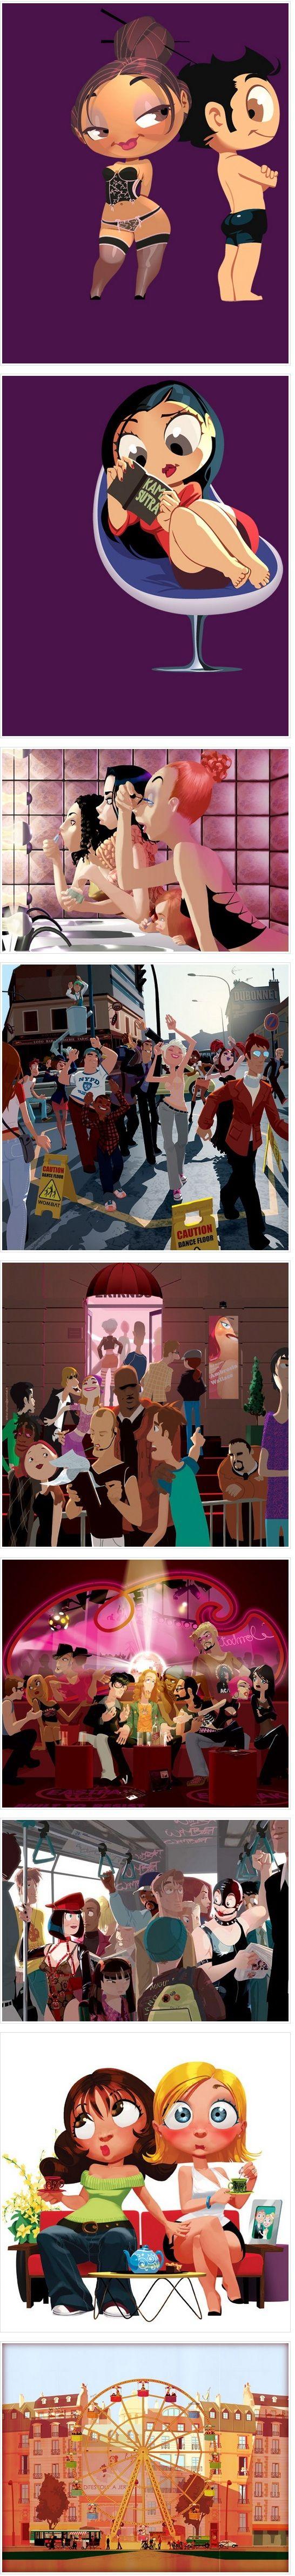 Arthur de Pins   http://www.arthurdepins.com/    http://www.designinabox.com.br/2012/06/arthur-de-pins-2/?utm_term=Design,+Inspira%C3%A7%C3%A3o_source=twitterfeed_medium=twitter